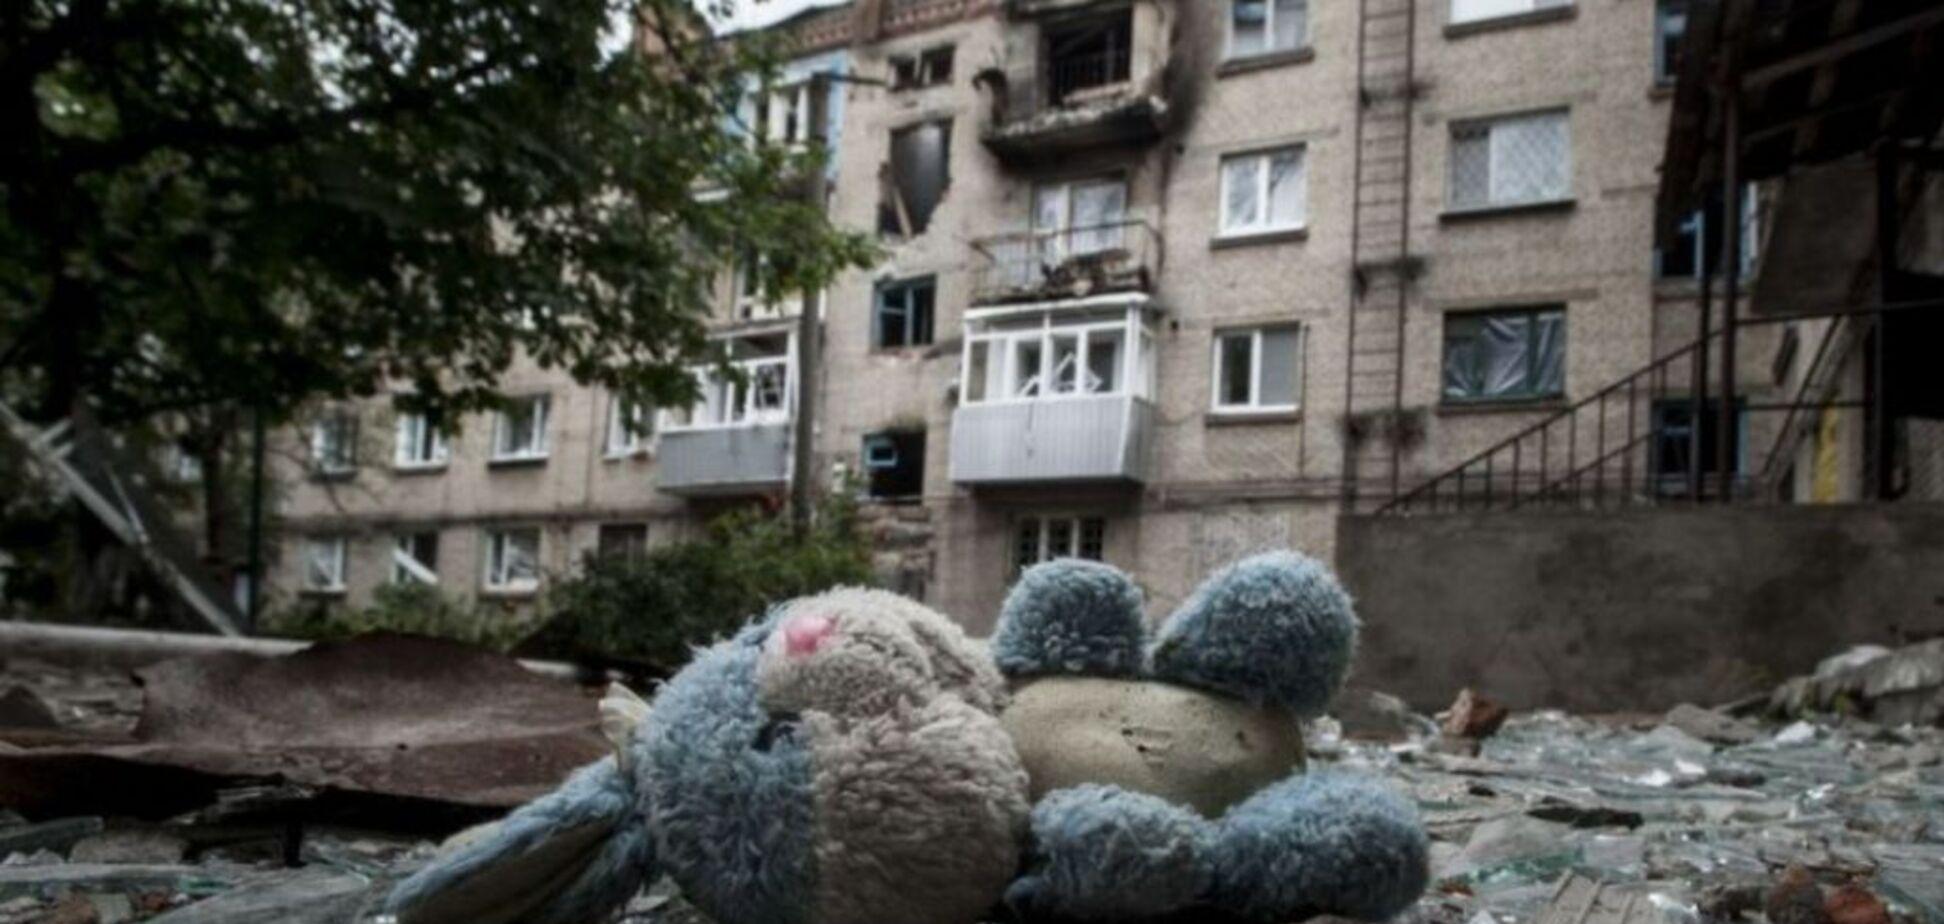 Спрятались за детьми и женщинами: российские войска подло атаковали защитников Украины